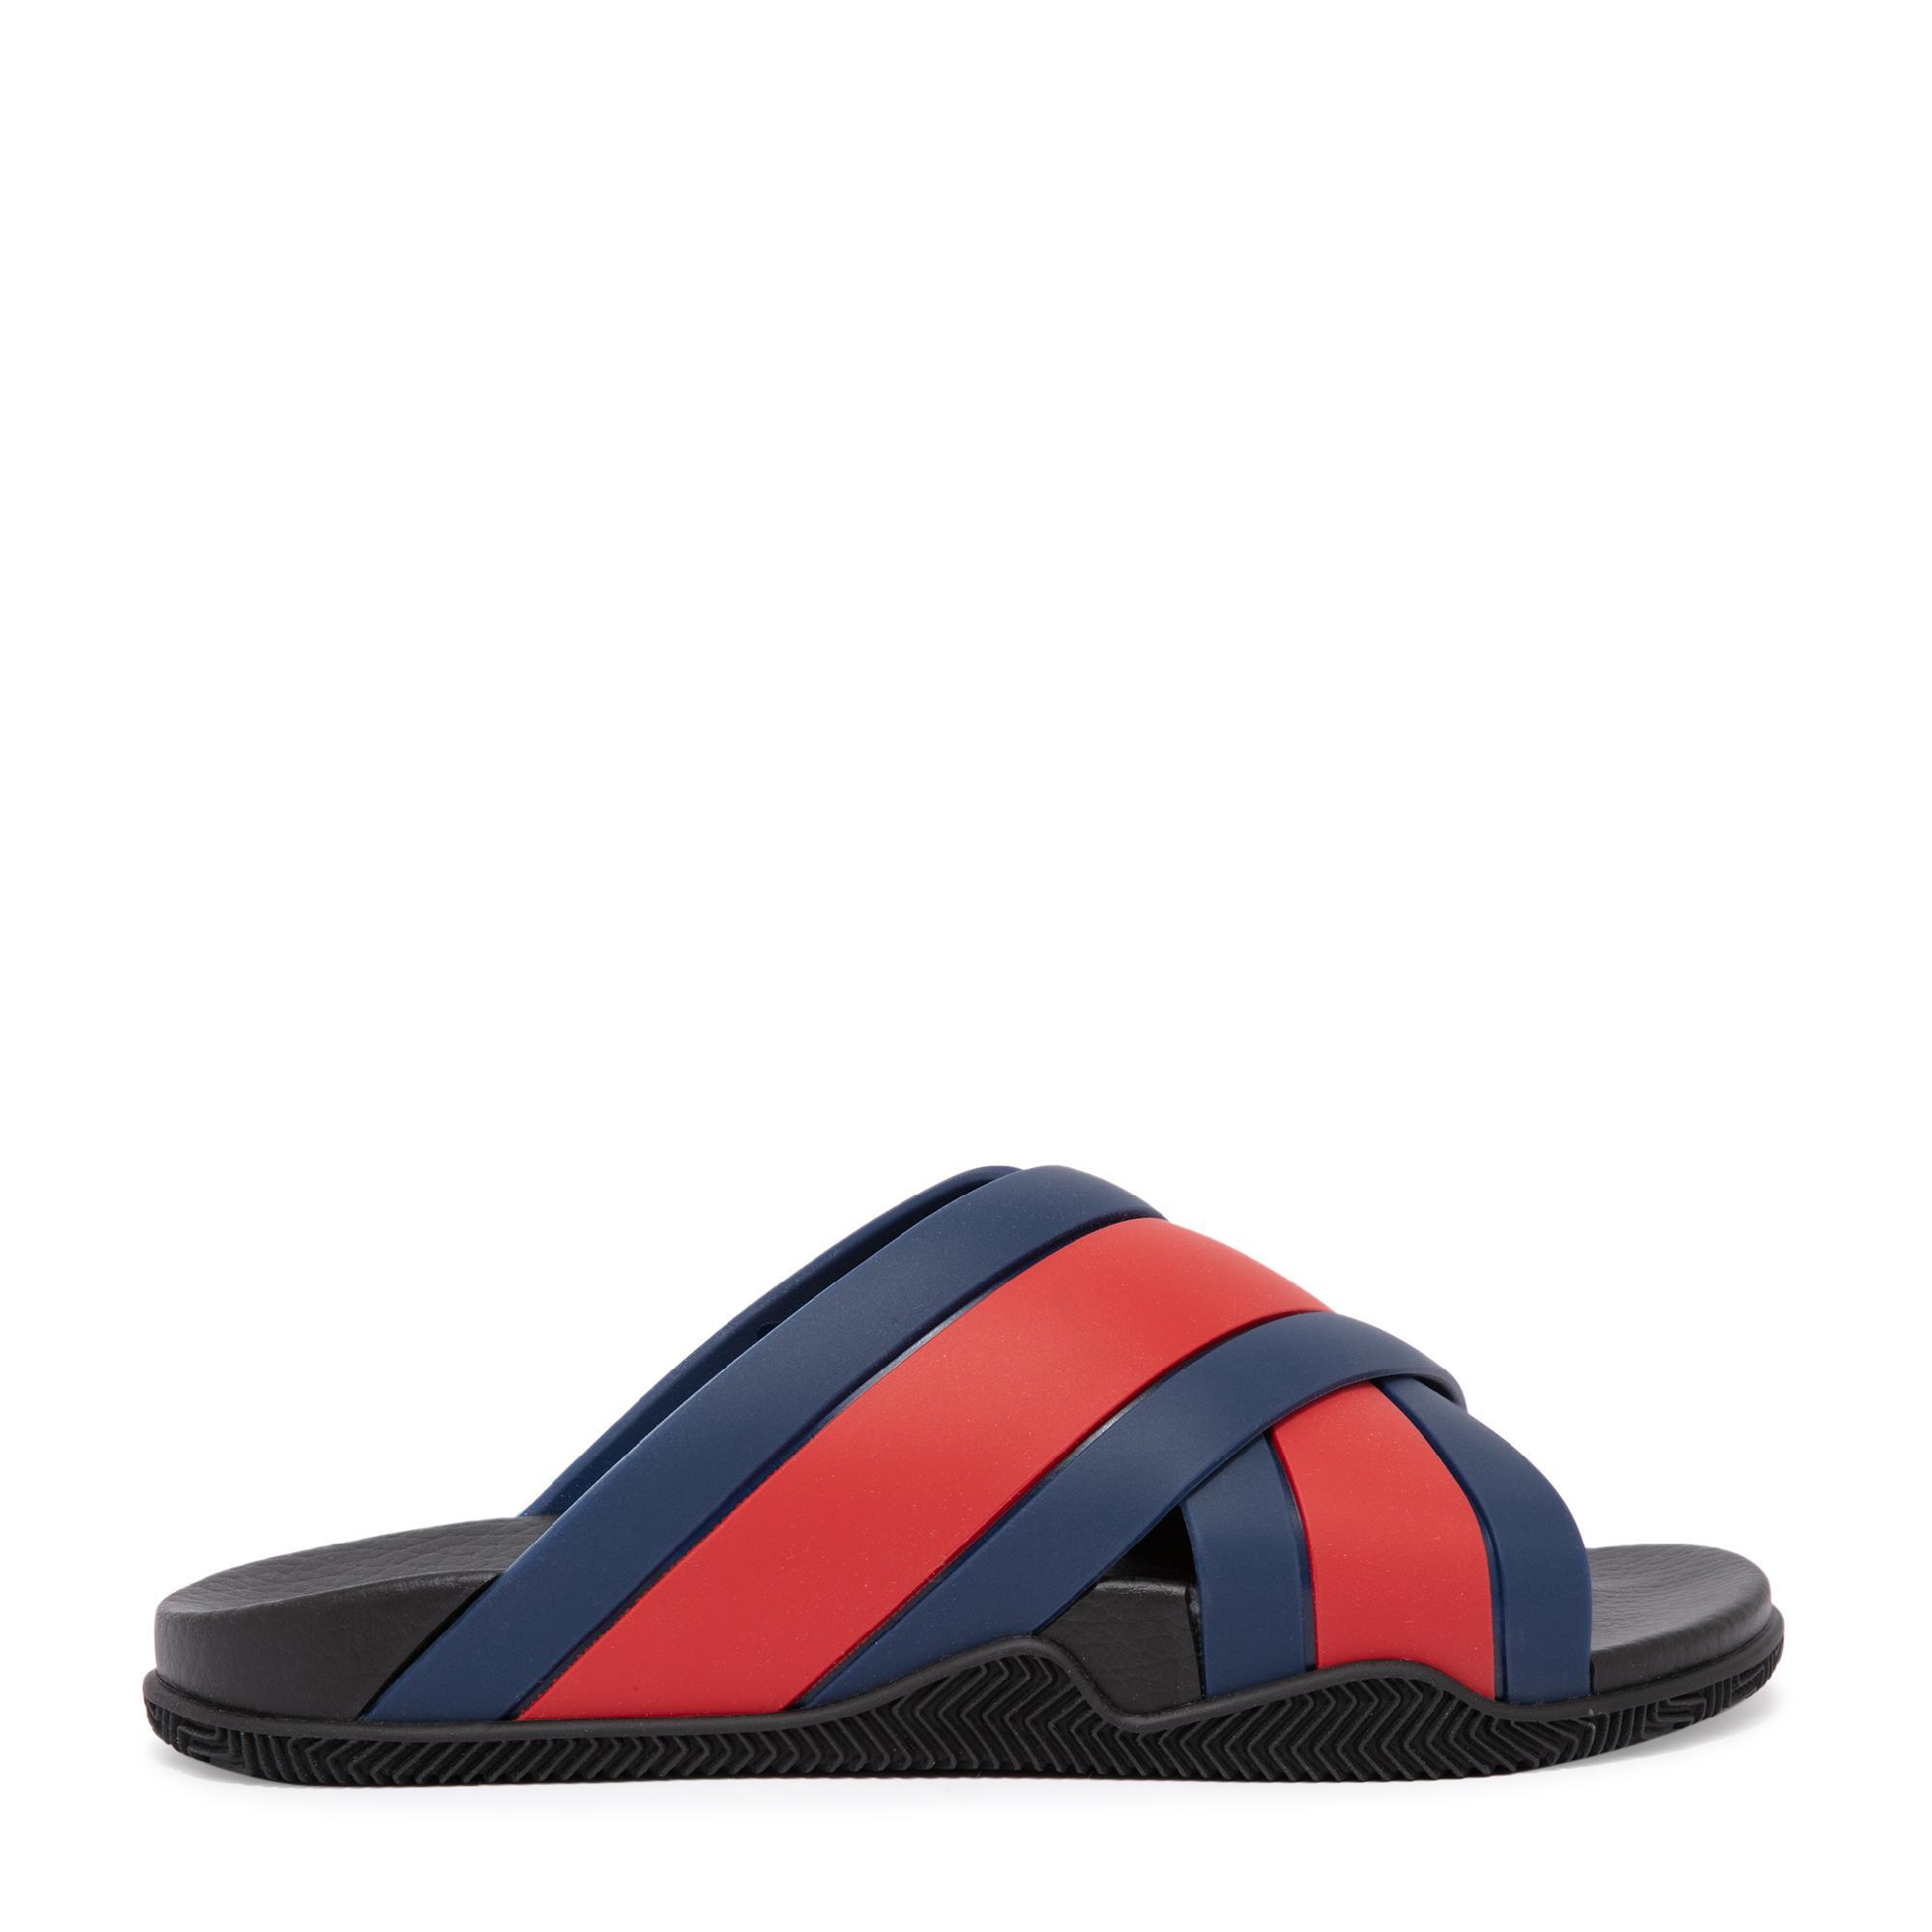 Web rubber sandals